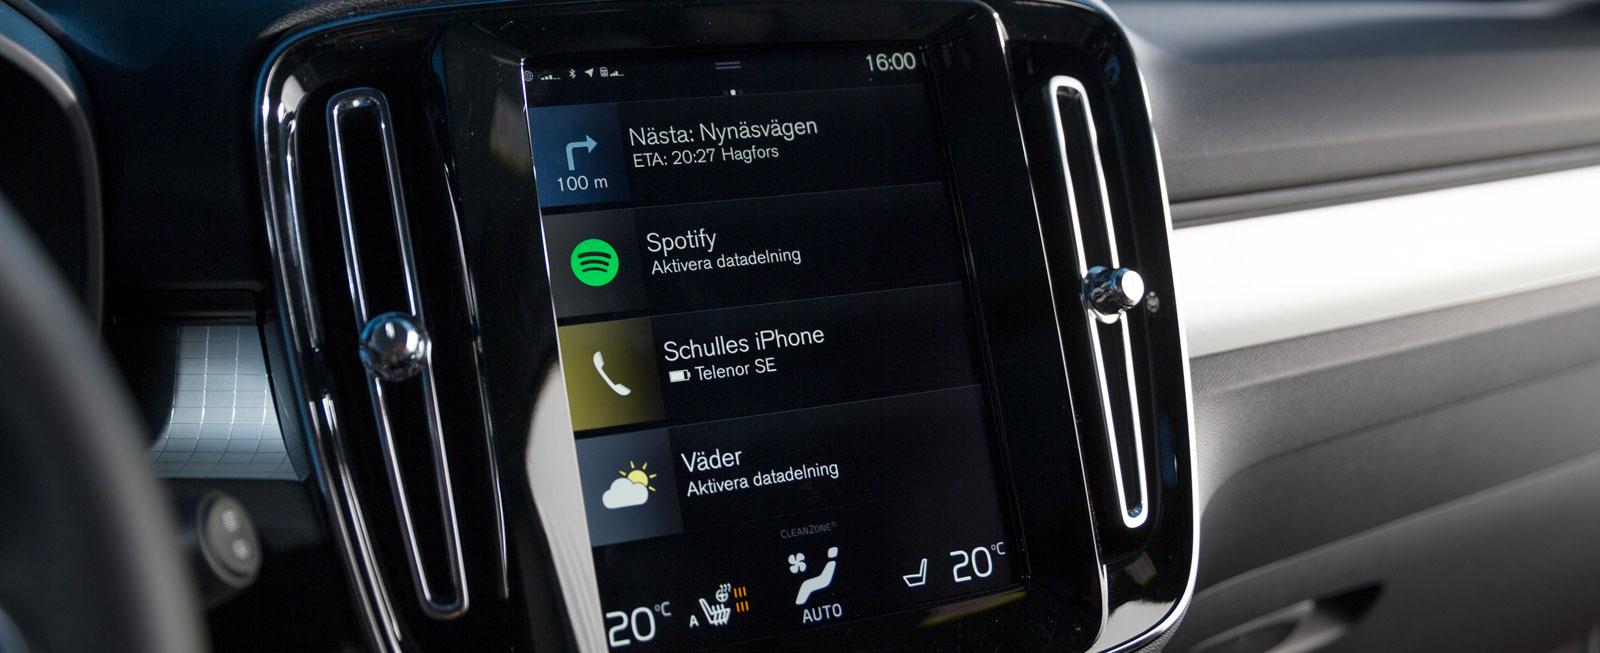 Sensus-systemet är i grunden logiskt, men pekskärmen kräver viss tillvänjning innan allt löper smärtfritt. Plus för bra röststyrning och att skärmen kan skötas med handskarna på.